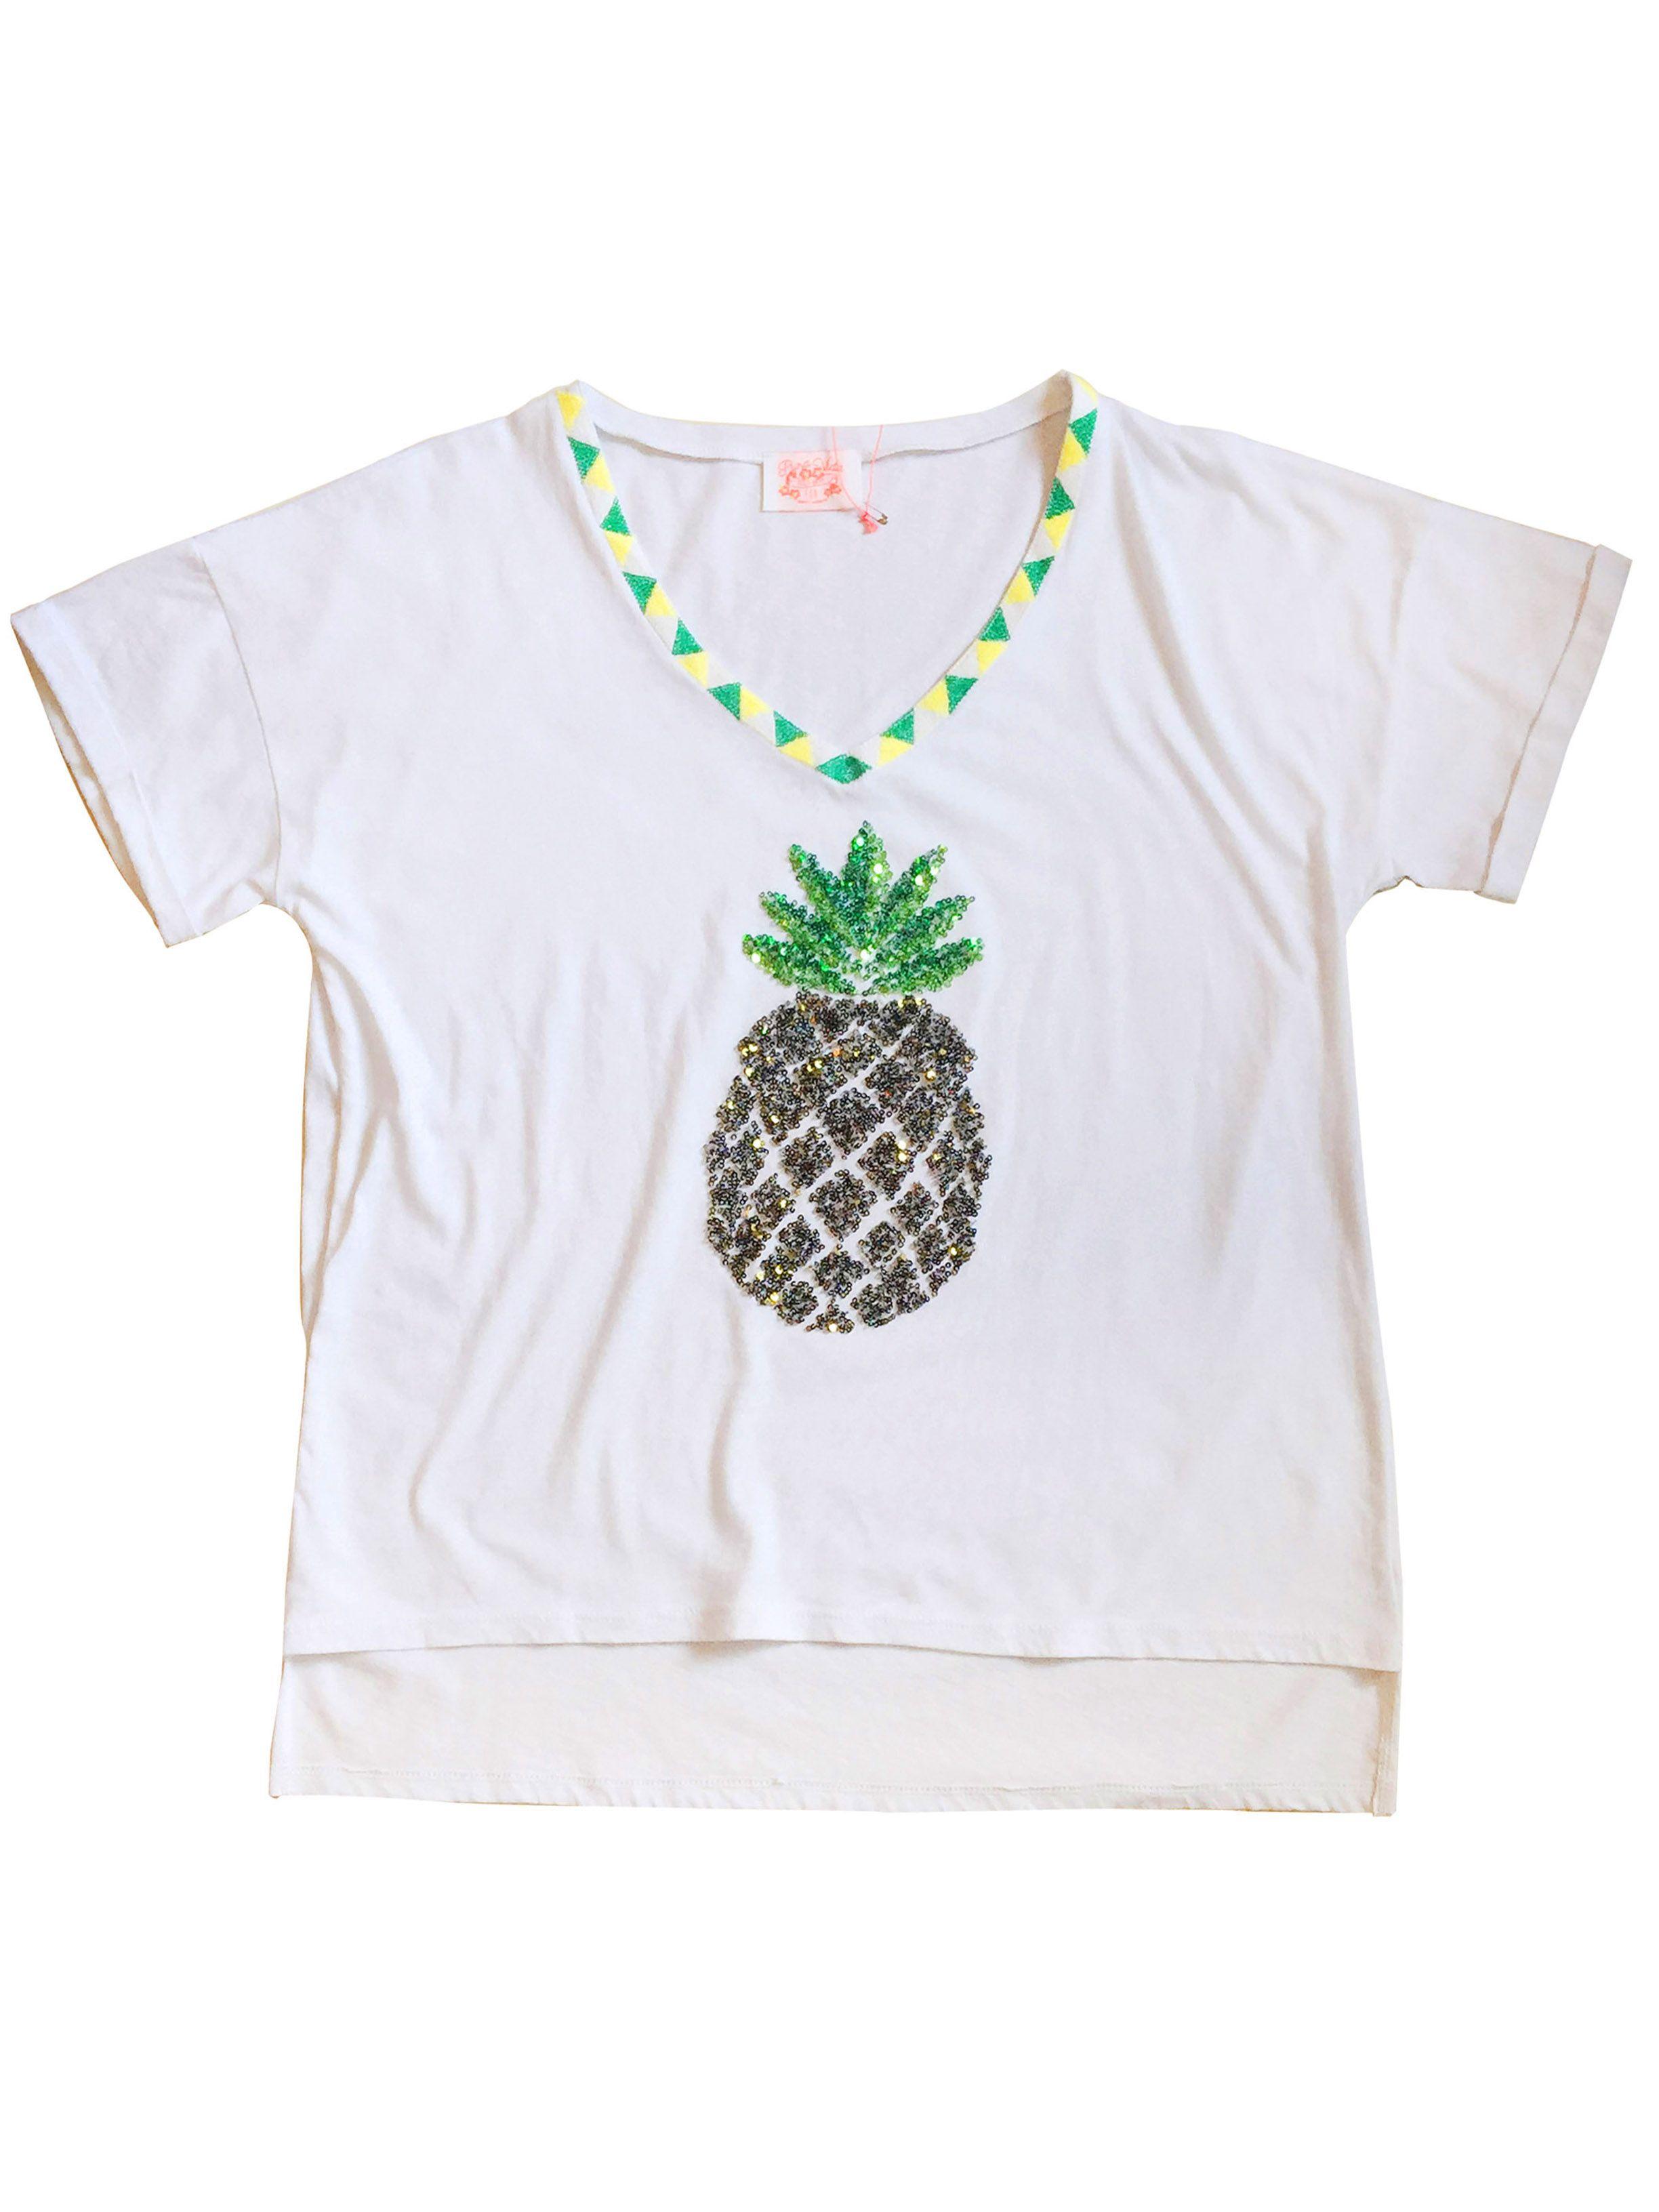 SS2017 Pineapple T-shirt